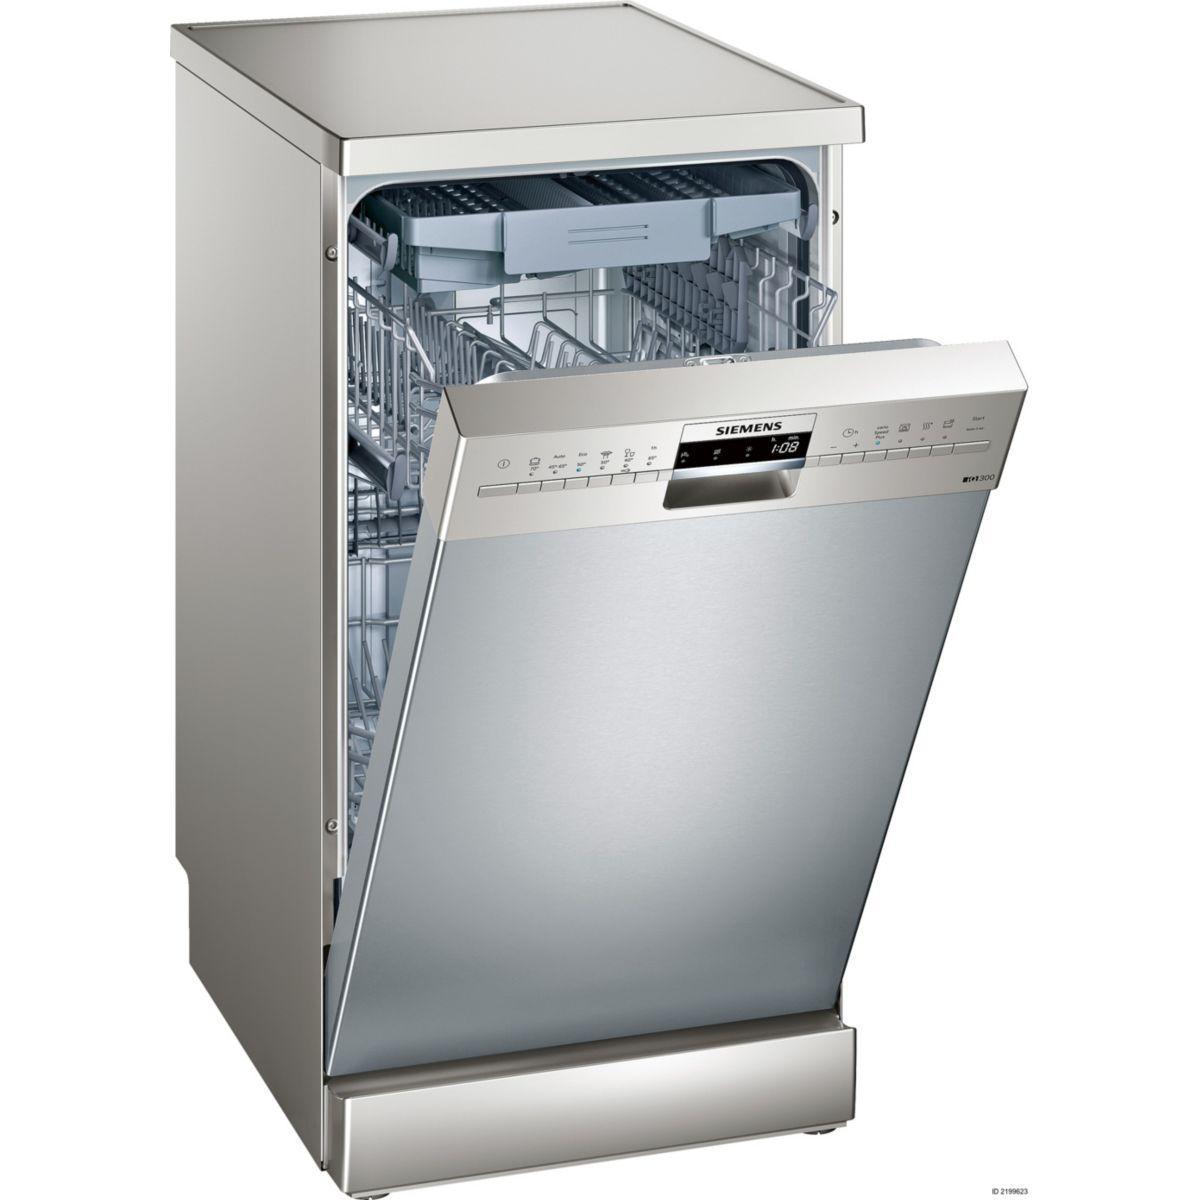 Lave vaisselle 45 cm siemens sr236i00me - livraison offerte : code livp